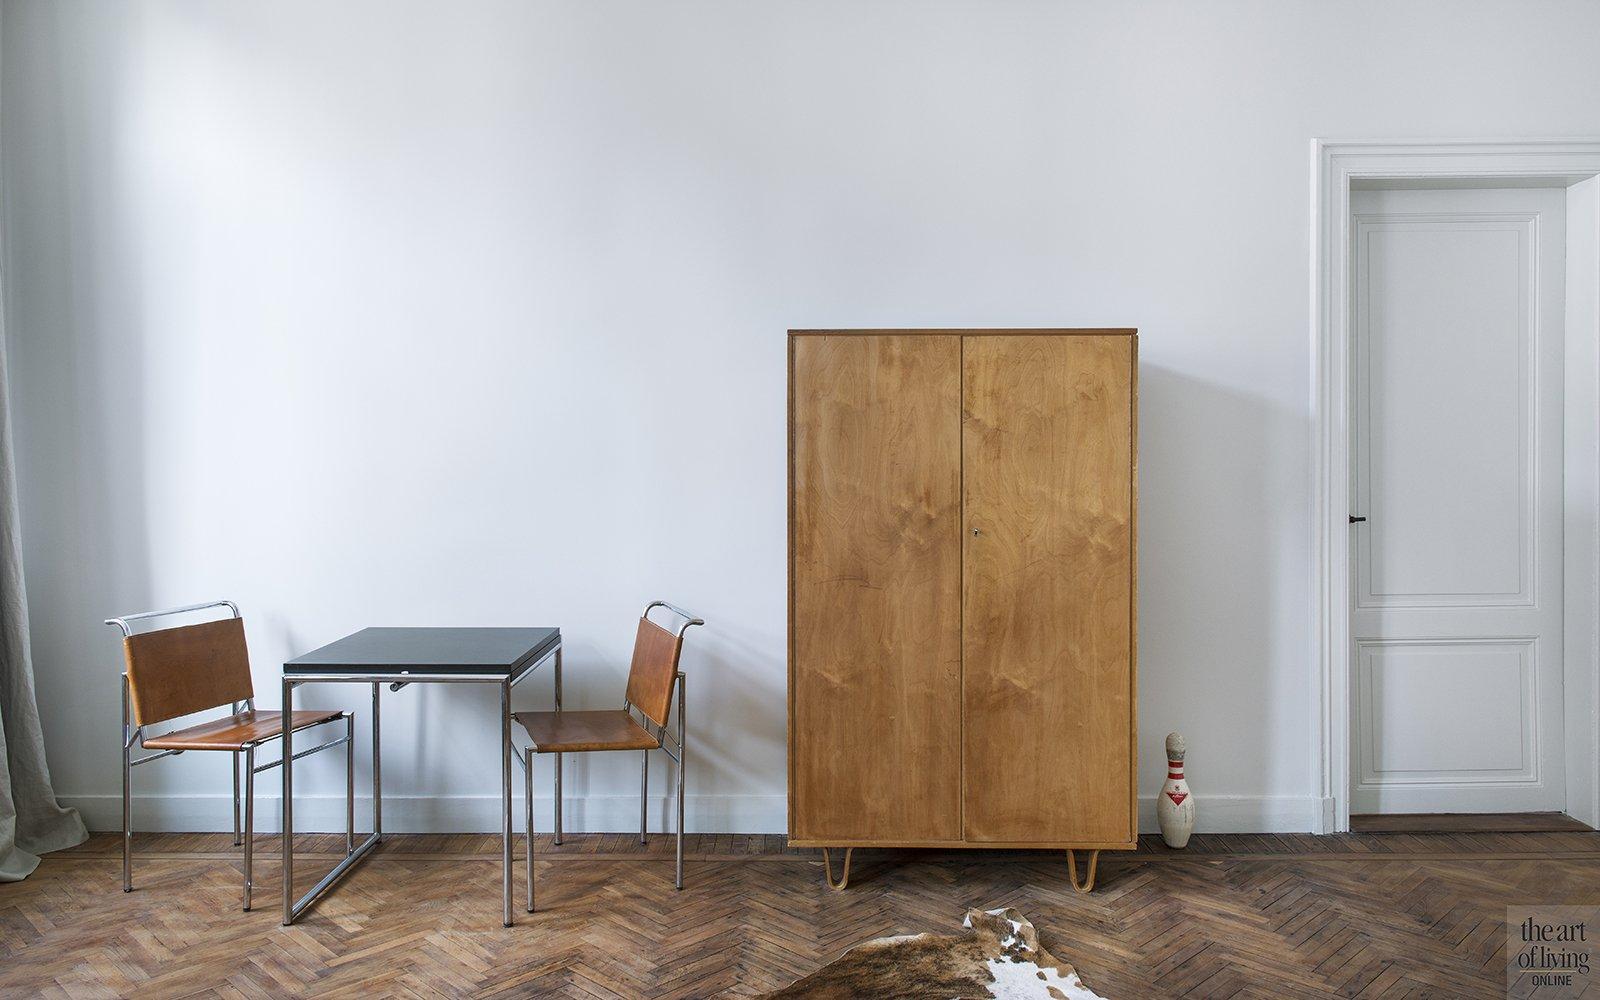 Geluidsnorm vloer appartement fantastisch verkocht leusveld